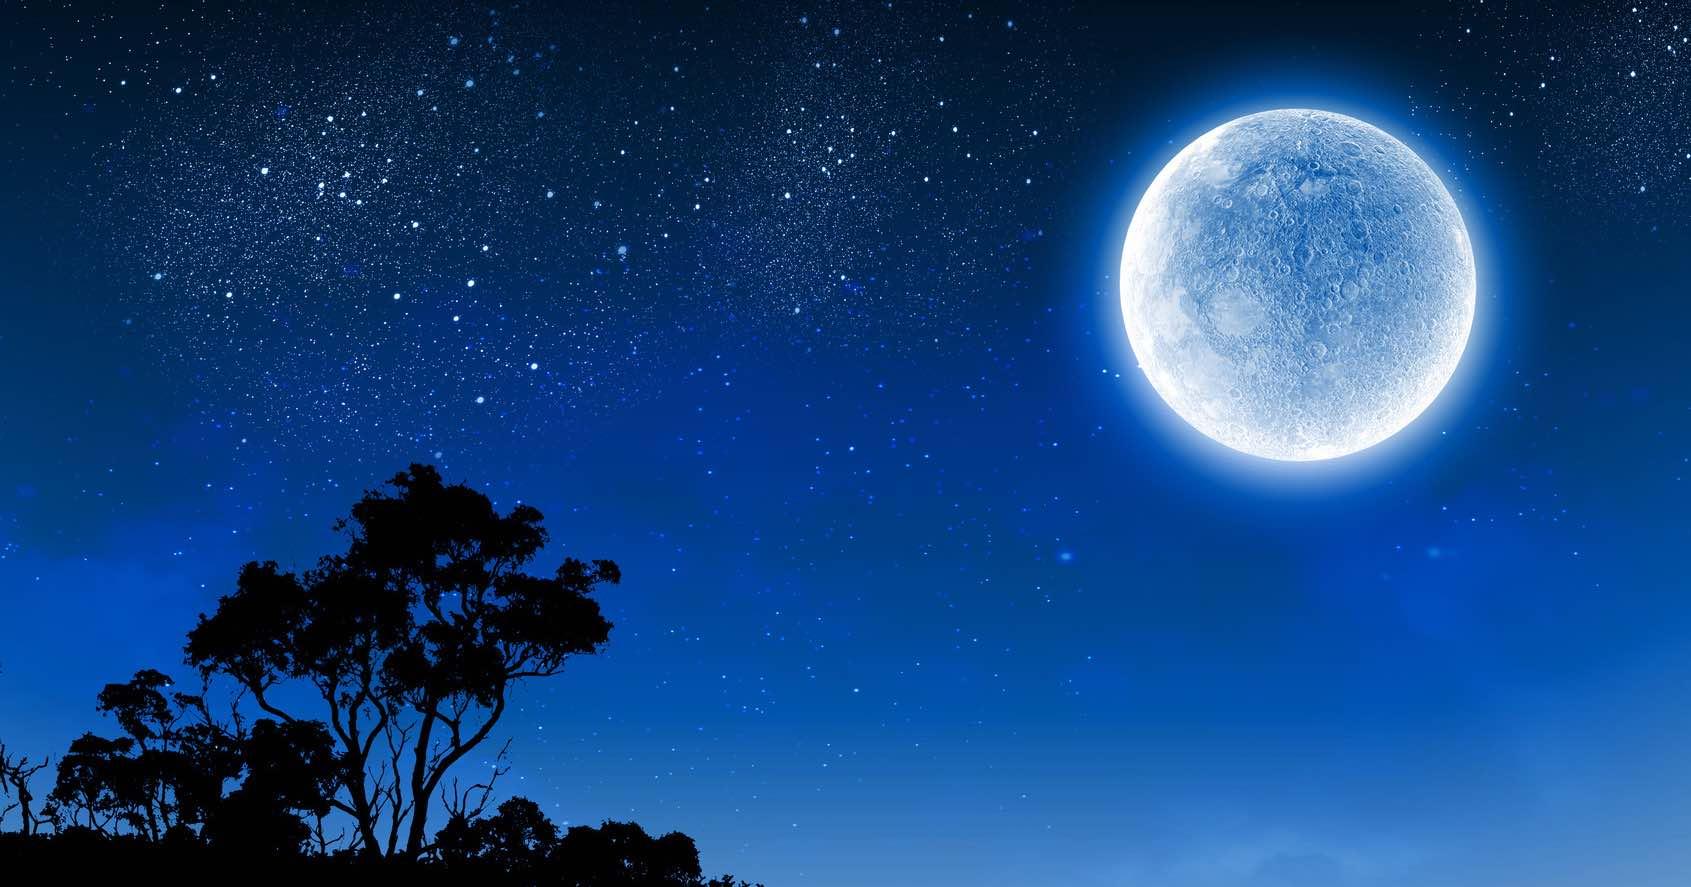 image from Lần đầu thấy trăng - khi cơ hội không đồng đều và cái nhìn về giáo dục